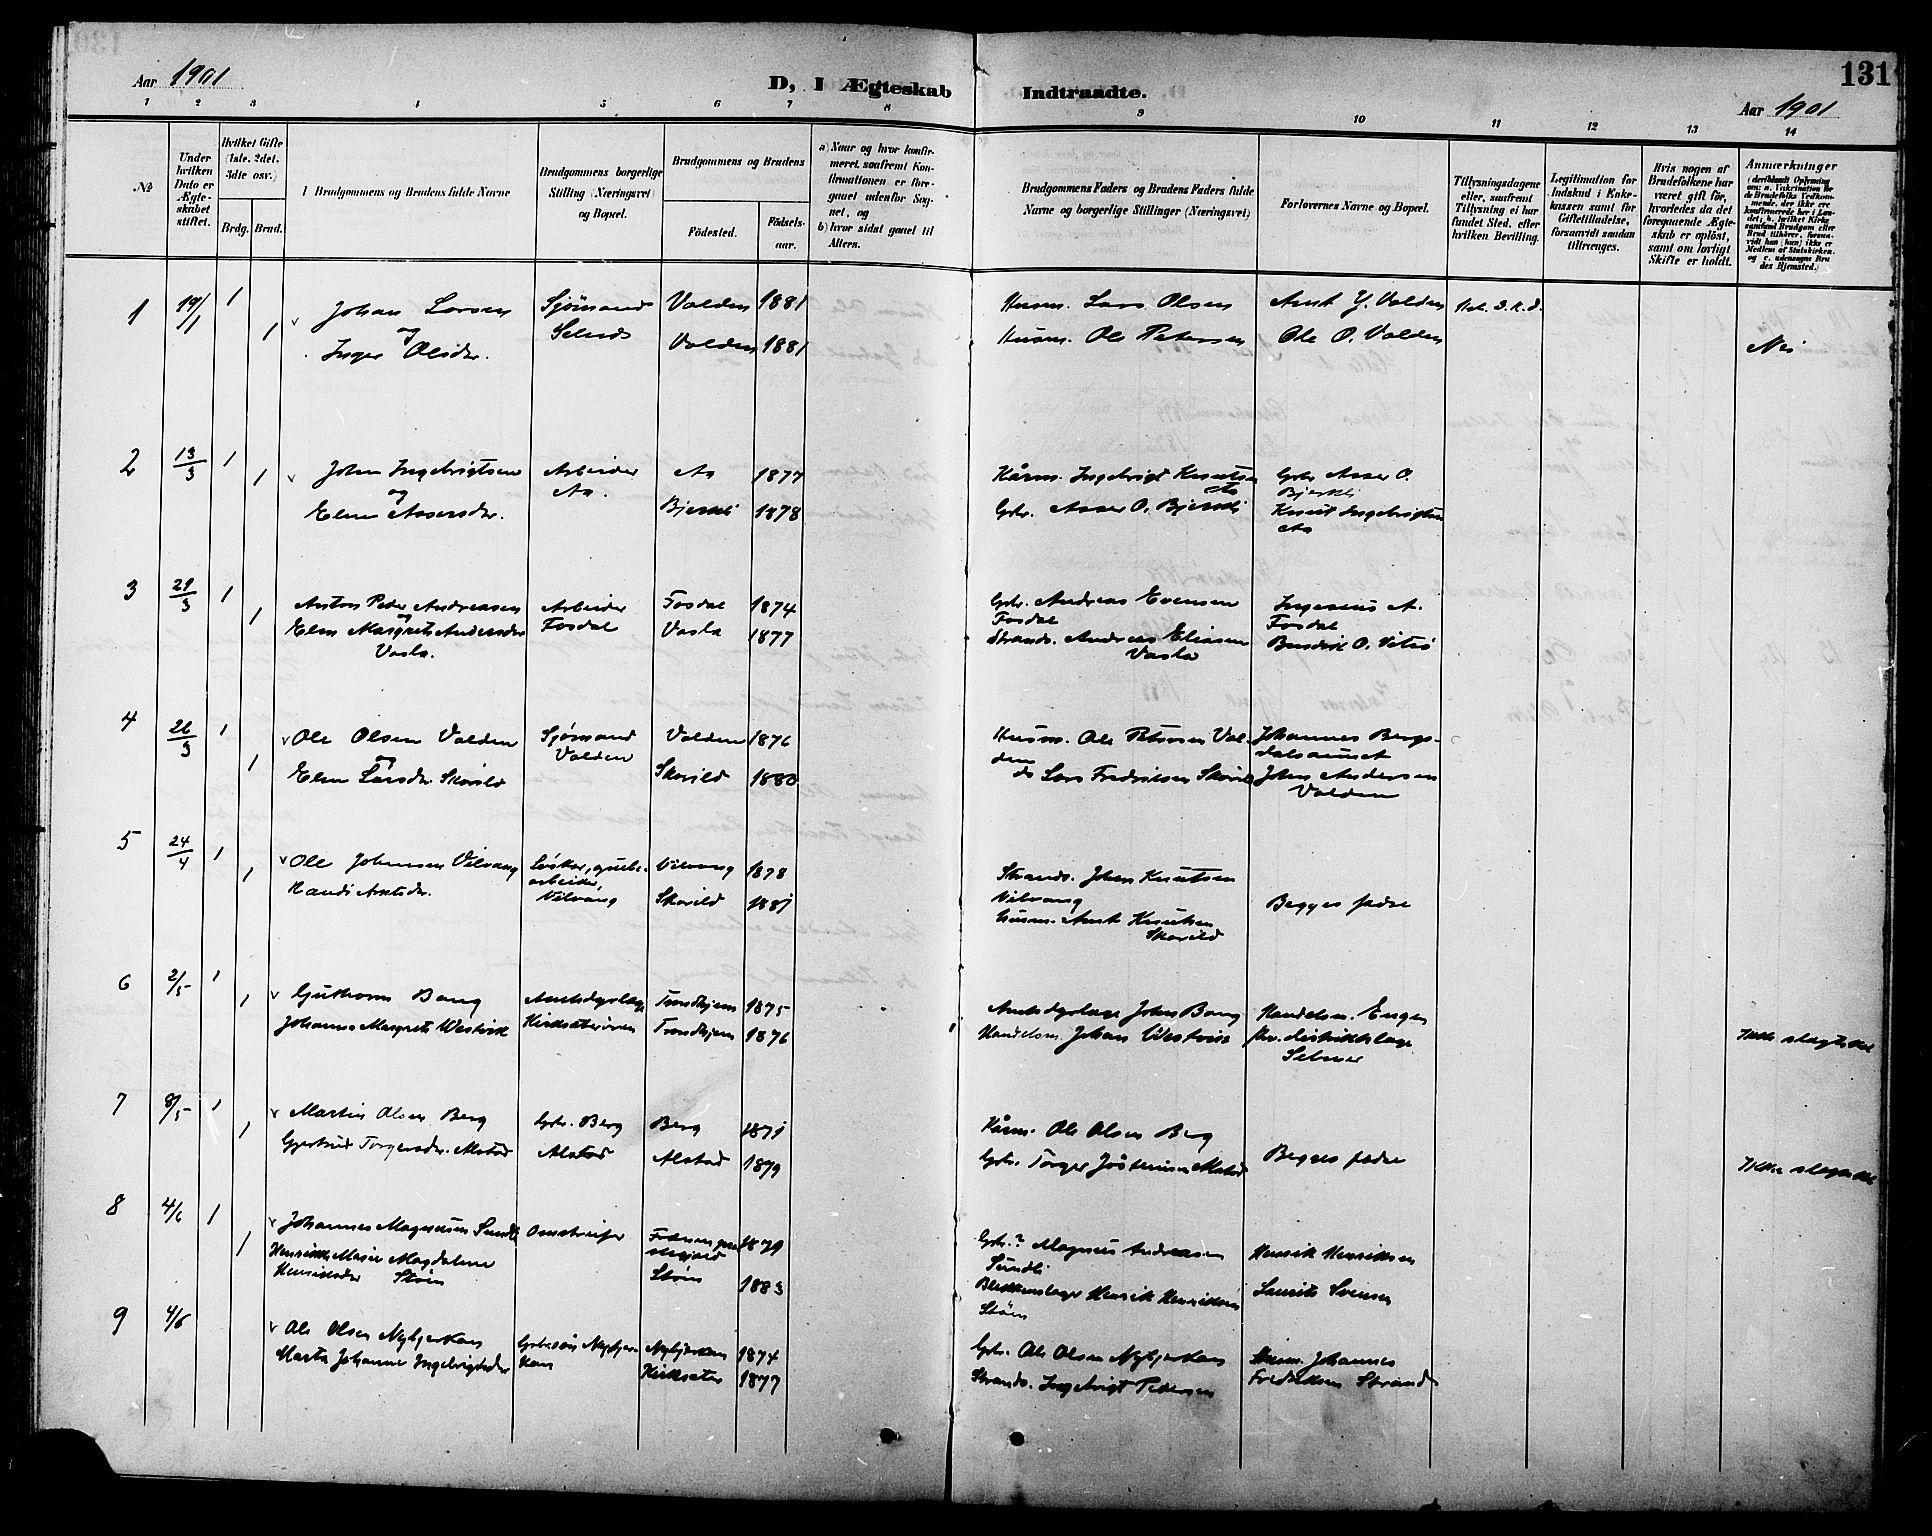 SAT, Ministerialprotokoller, klokkerbøker og fødselsregistre - Sør-Trøndelag, 630/L0505: Klokkerbok nr. 630C03, 1899-1914, s. 131